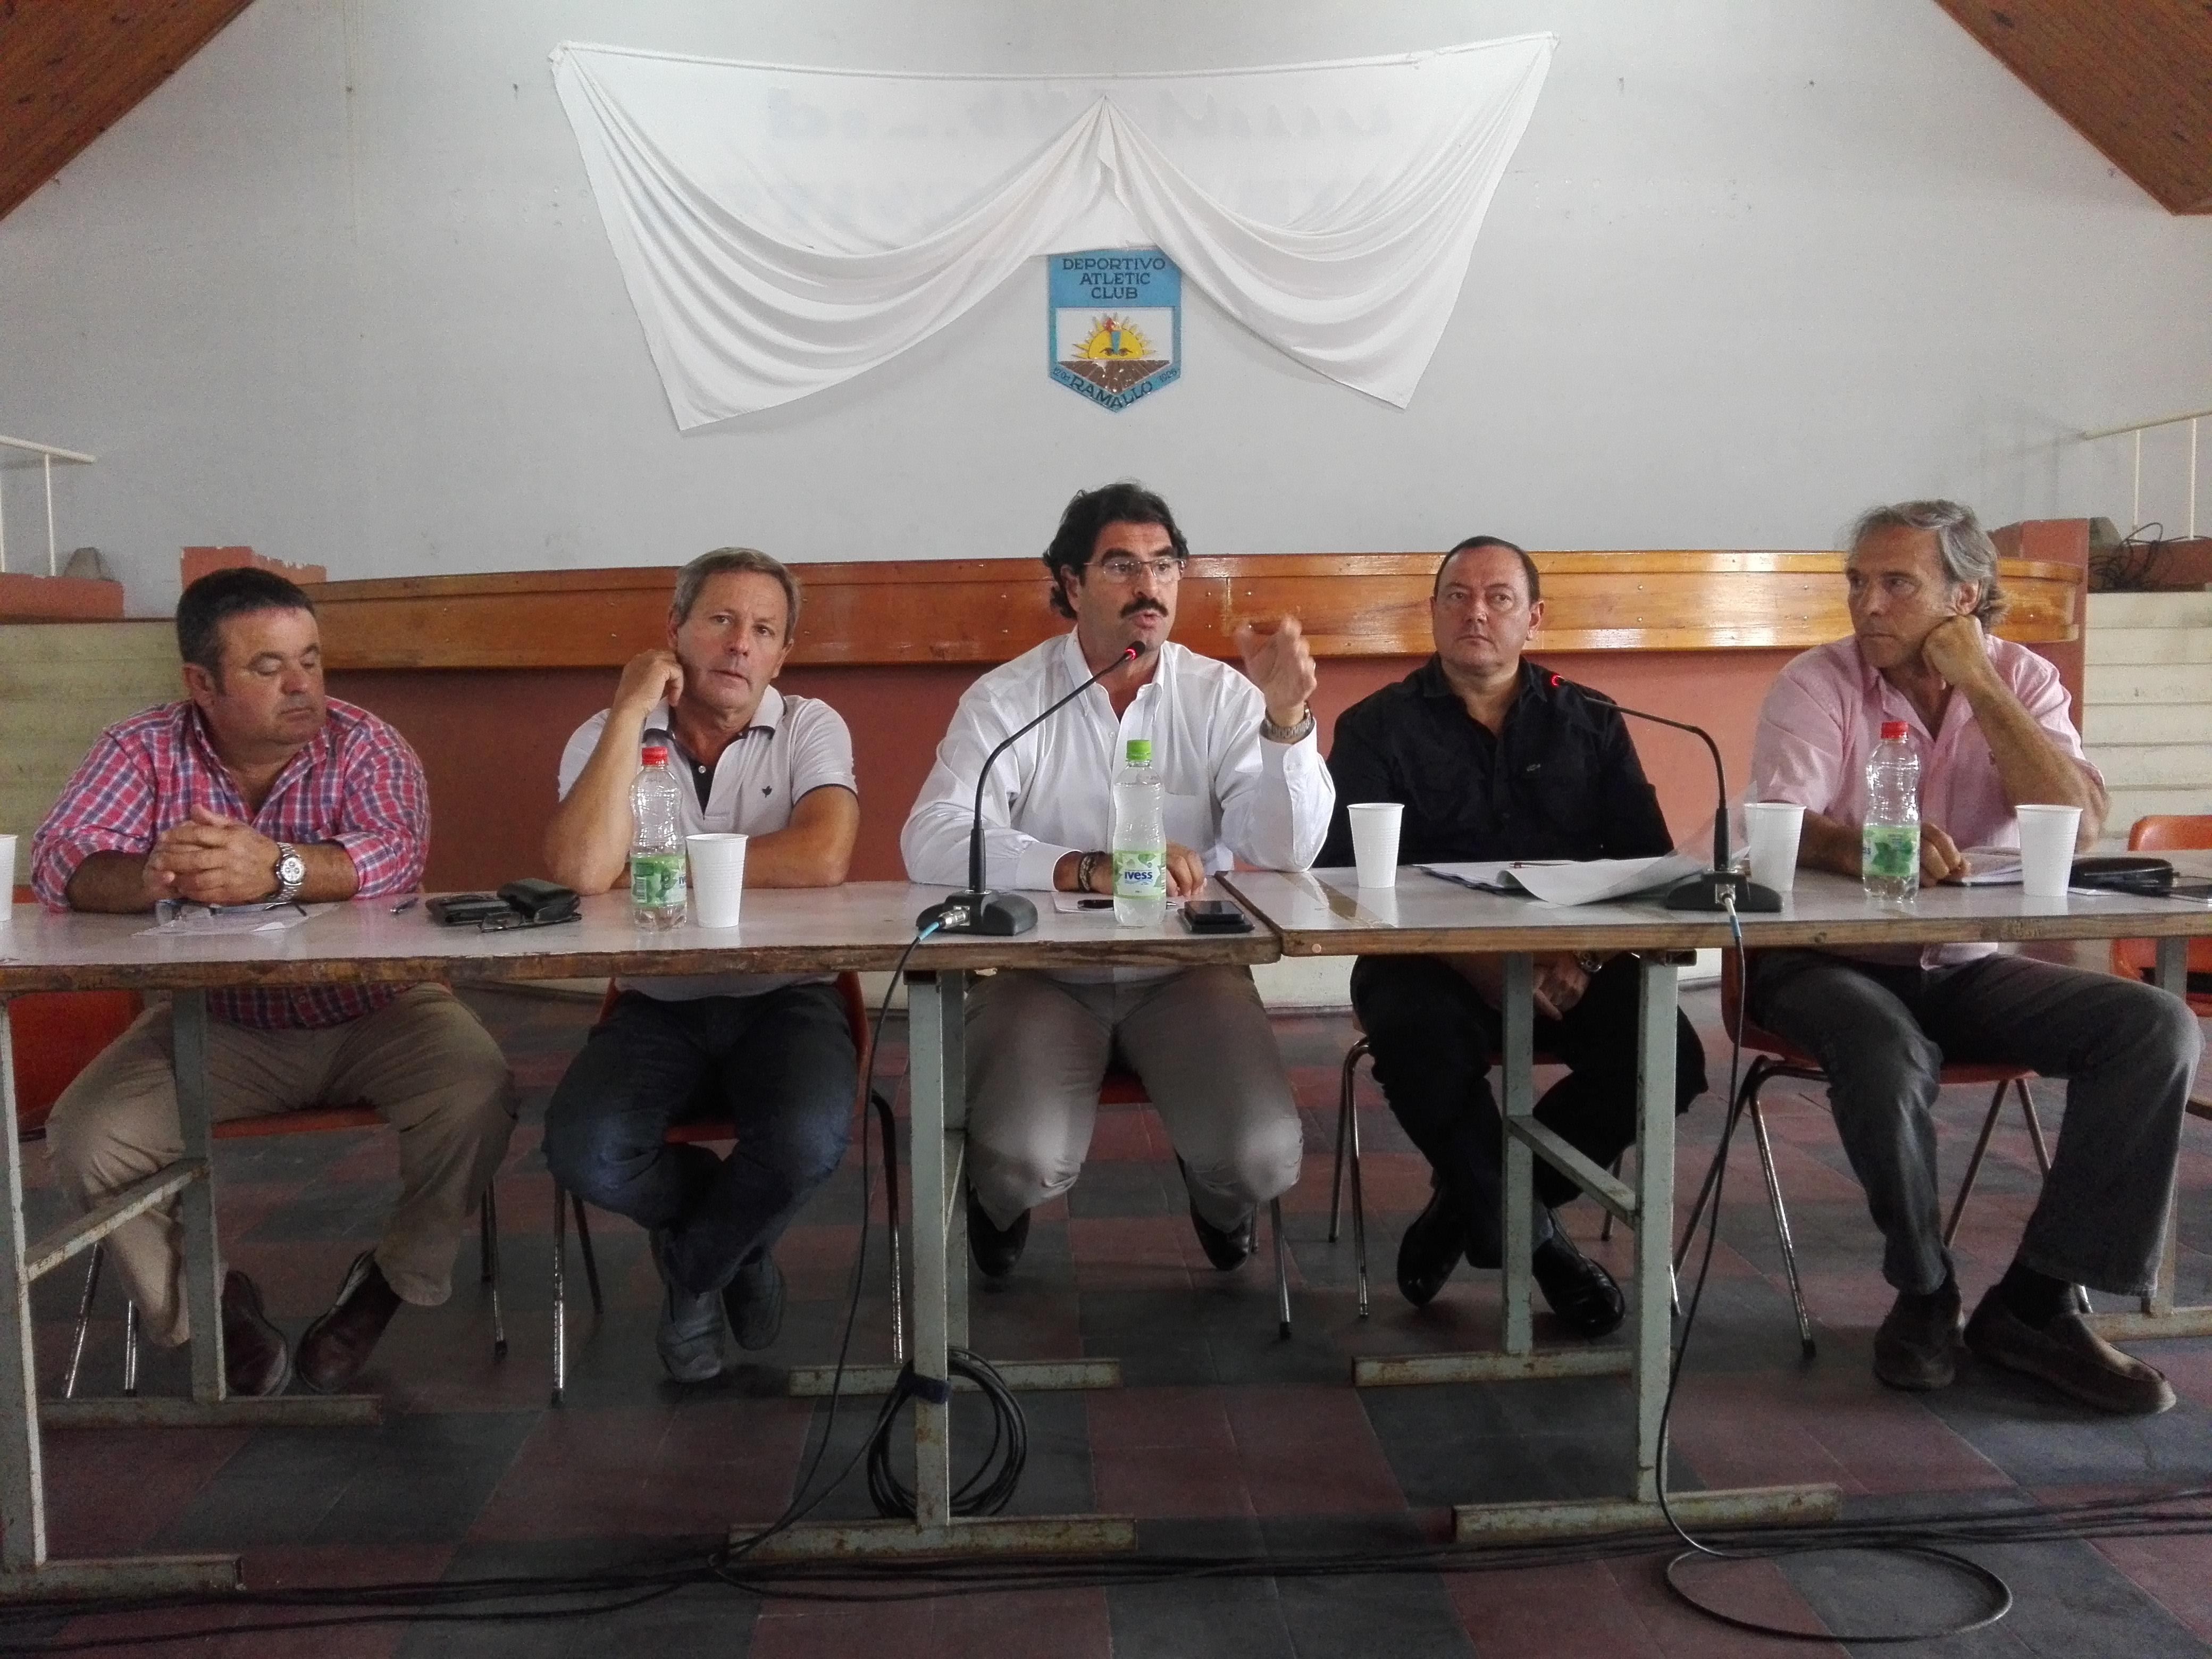 El ministro de Agroindustria de la provincia de Buenos Aires, Leonardo Sarquís, visitó Ramallo para reunirse con productores agropecuarios de la zona ante la declaración de la Emergencia Agropecuaria.